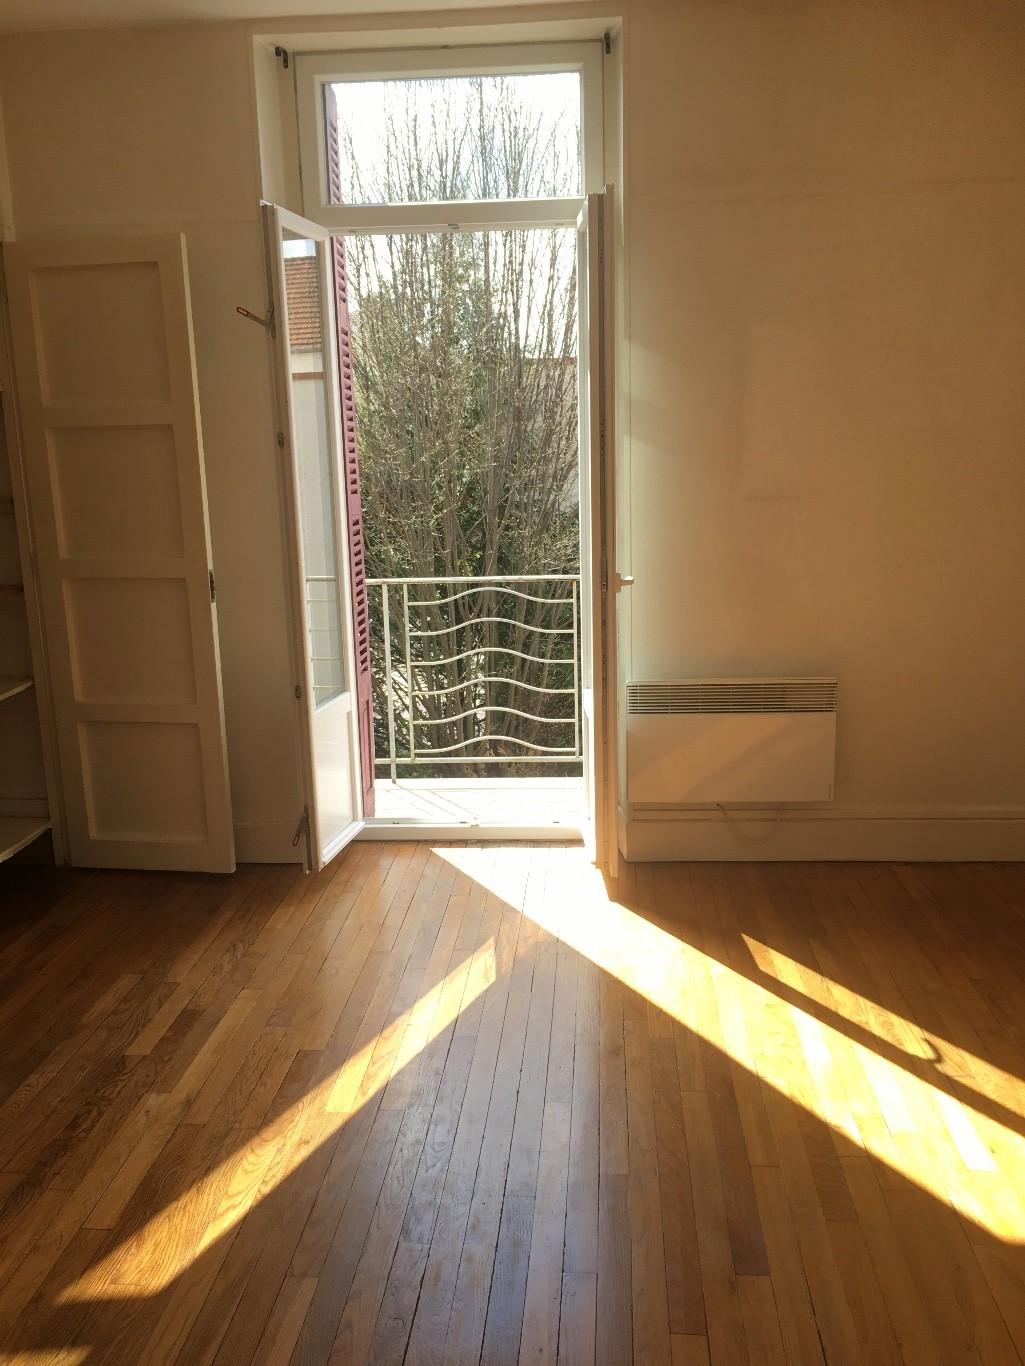 dijon auxonne facs vente appartement 2 pi ces 43m2 88 000 r f 17 80 133642 cm. Black Bedroom Furniture Sets. Home Design Ideas